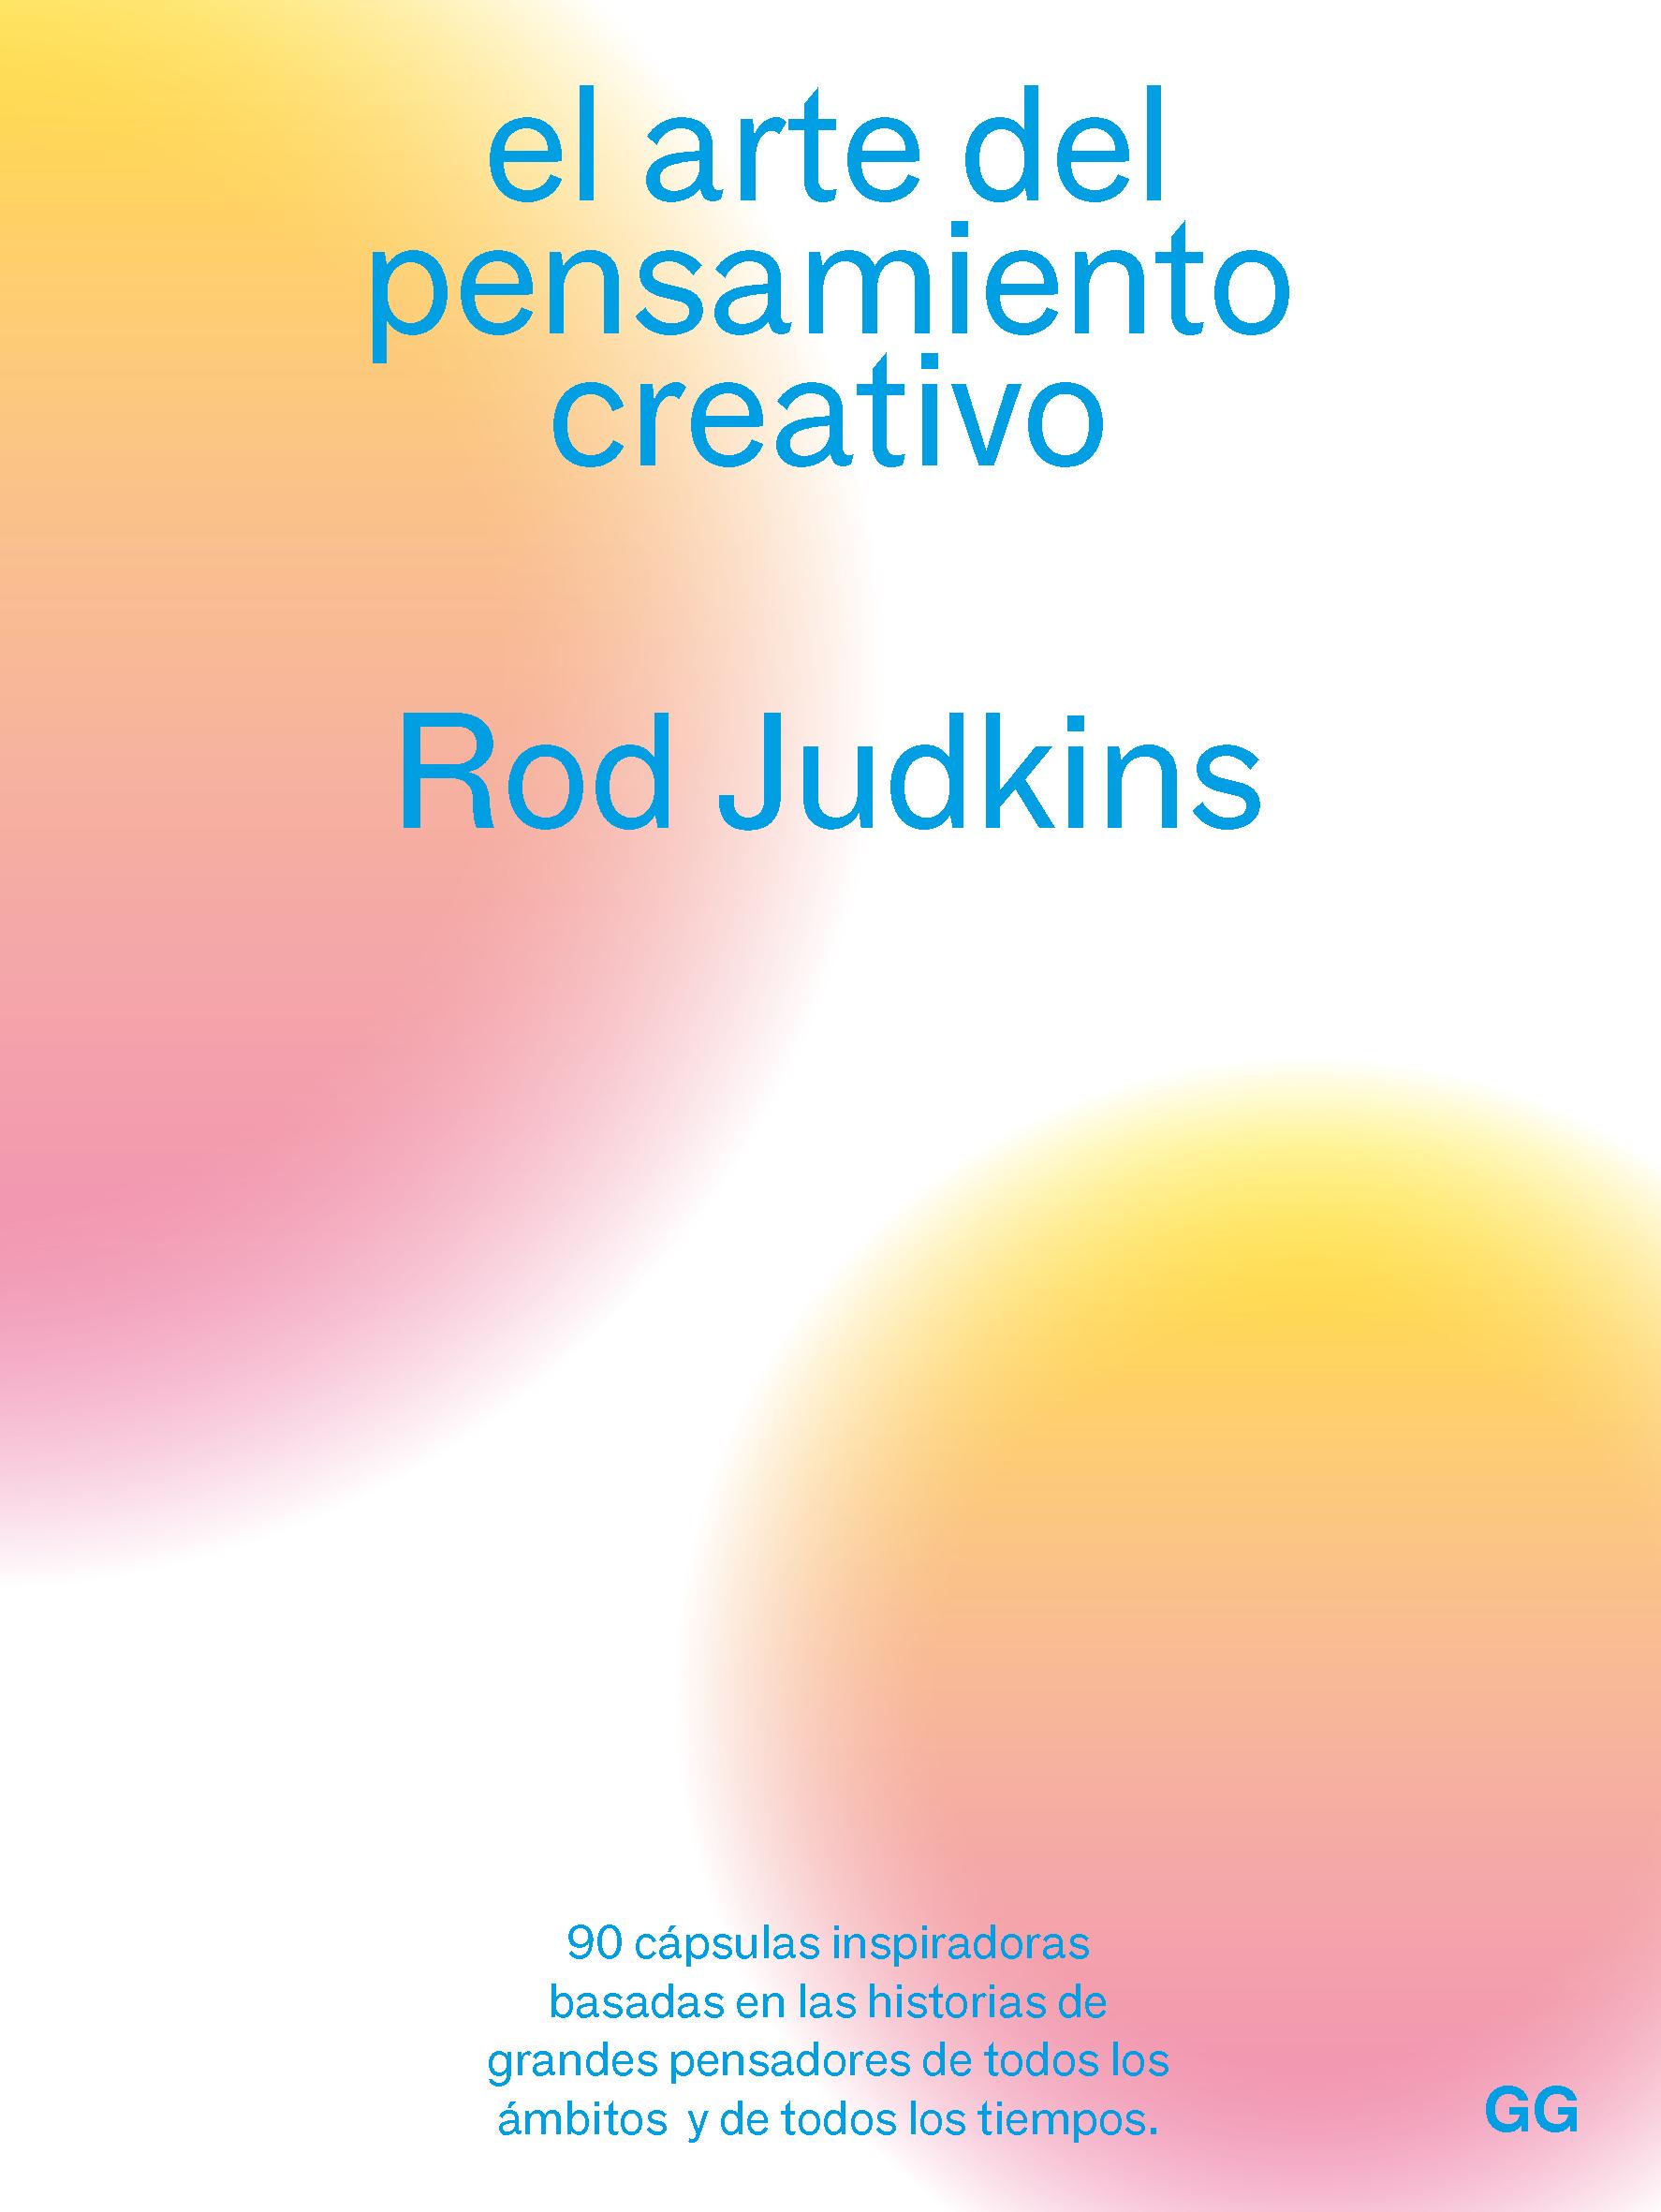 El arte del pensamiento creativo